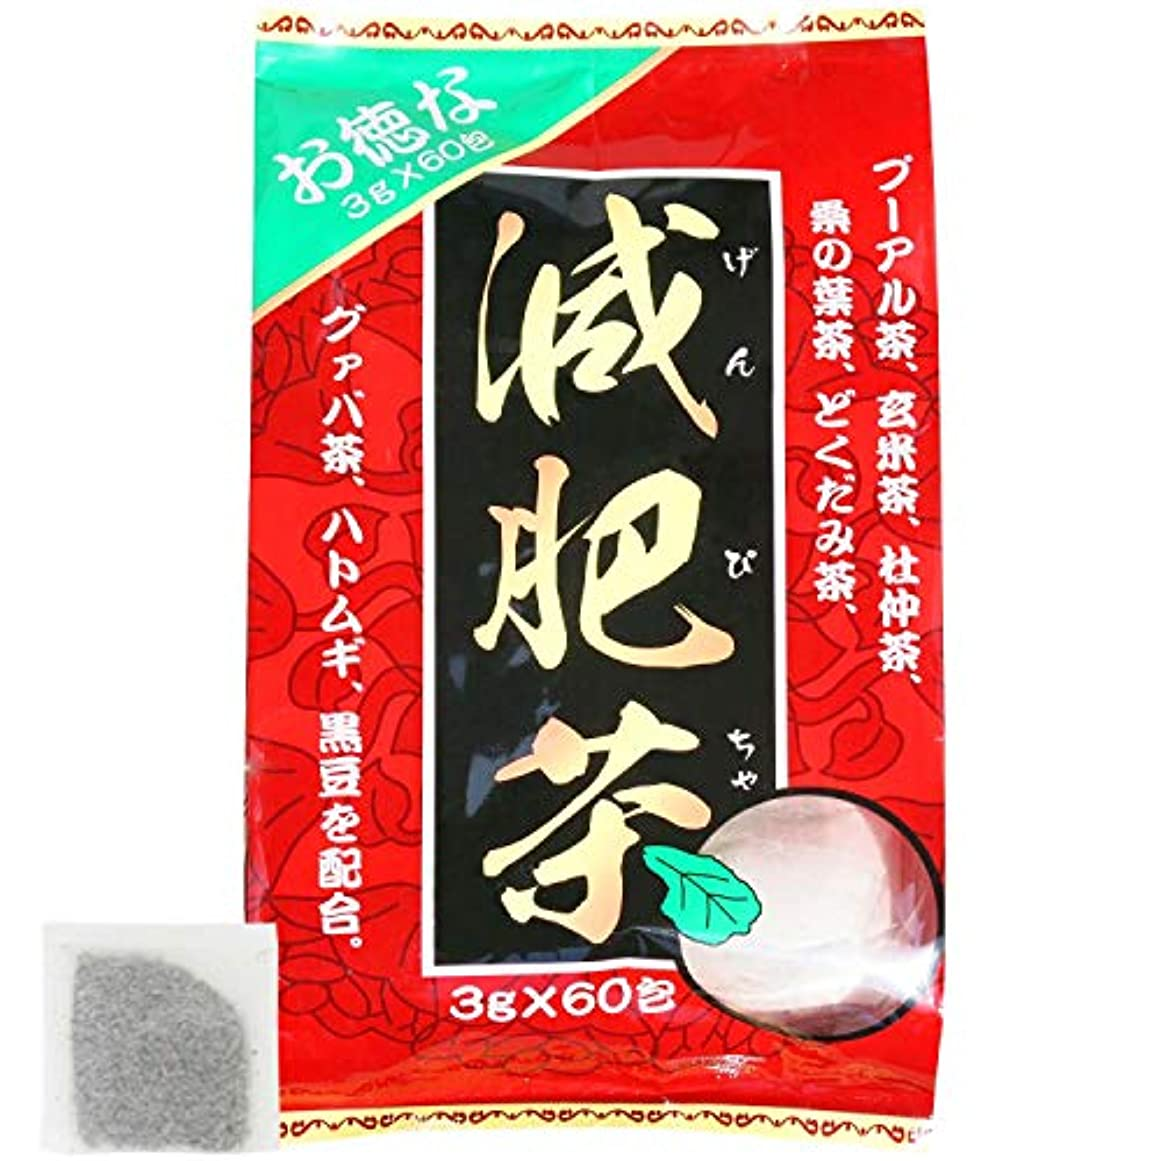 恐れきらめく永遠にユウキ製薬 お徳な減肥茶 30-60日分 3g×60包